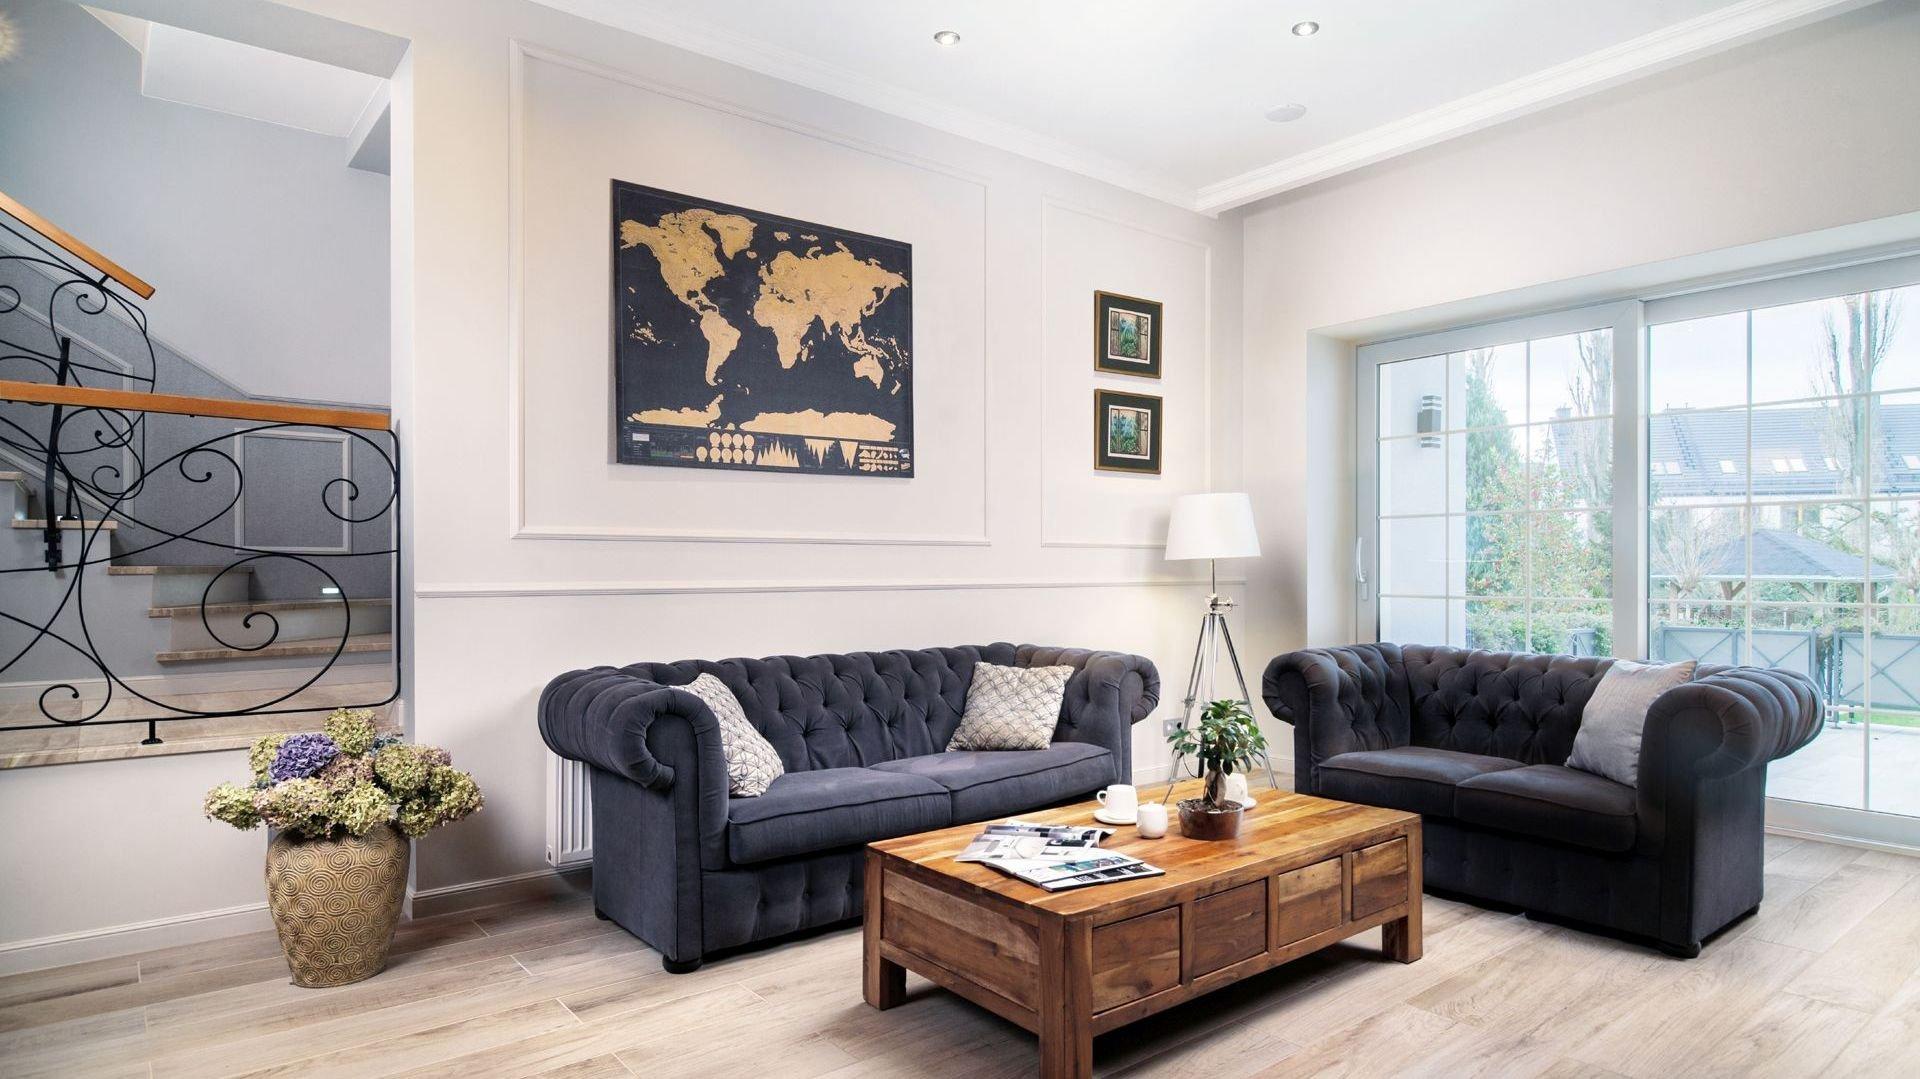 Dům o rozloze více než 300 metrů čtverečních prošel celkovou rekonstrukcí. Staré podlahy, omítky, ale i některé stěny byly odstraněny, instalace byla nahrazena. Díky tomu mohl vzniknout tento krásný a nově navržený prostor, jenž poskytuje obyvatelům větší a vzdušnější prostor k bydlení.